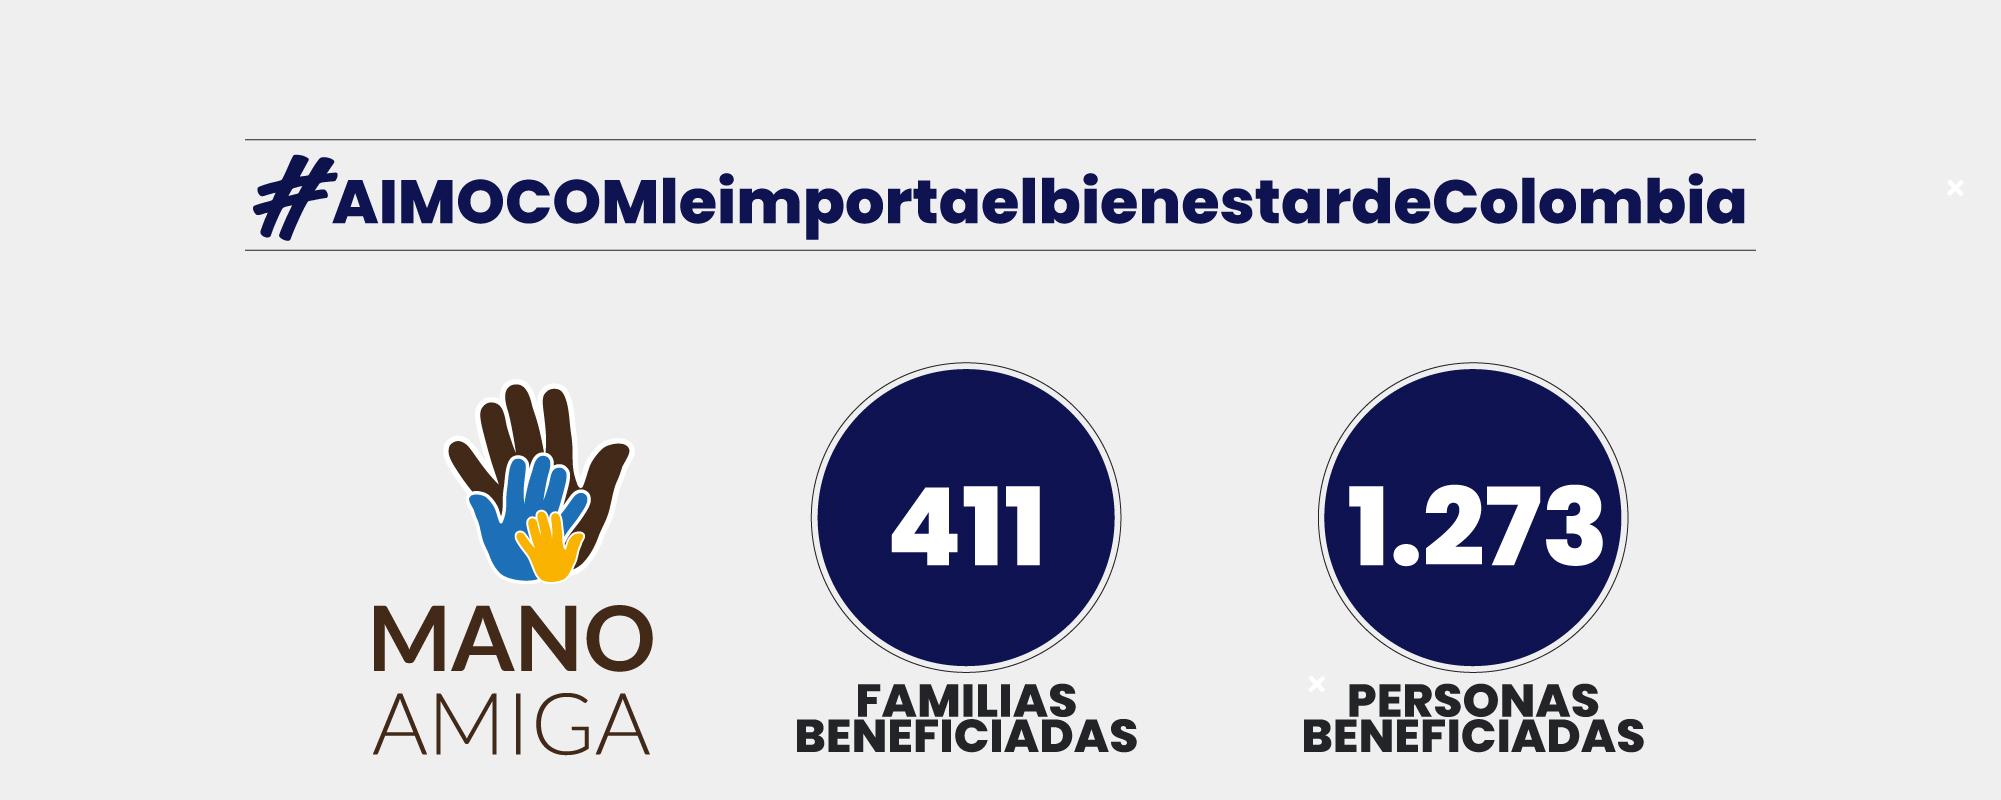 cifras campaña mano amiga imocom 2020 2021